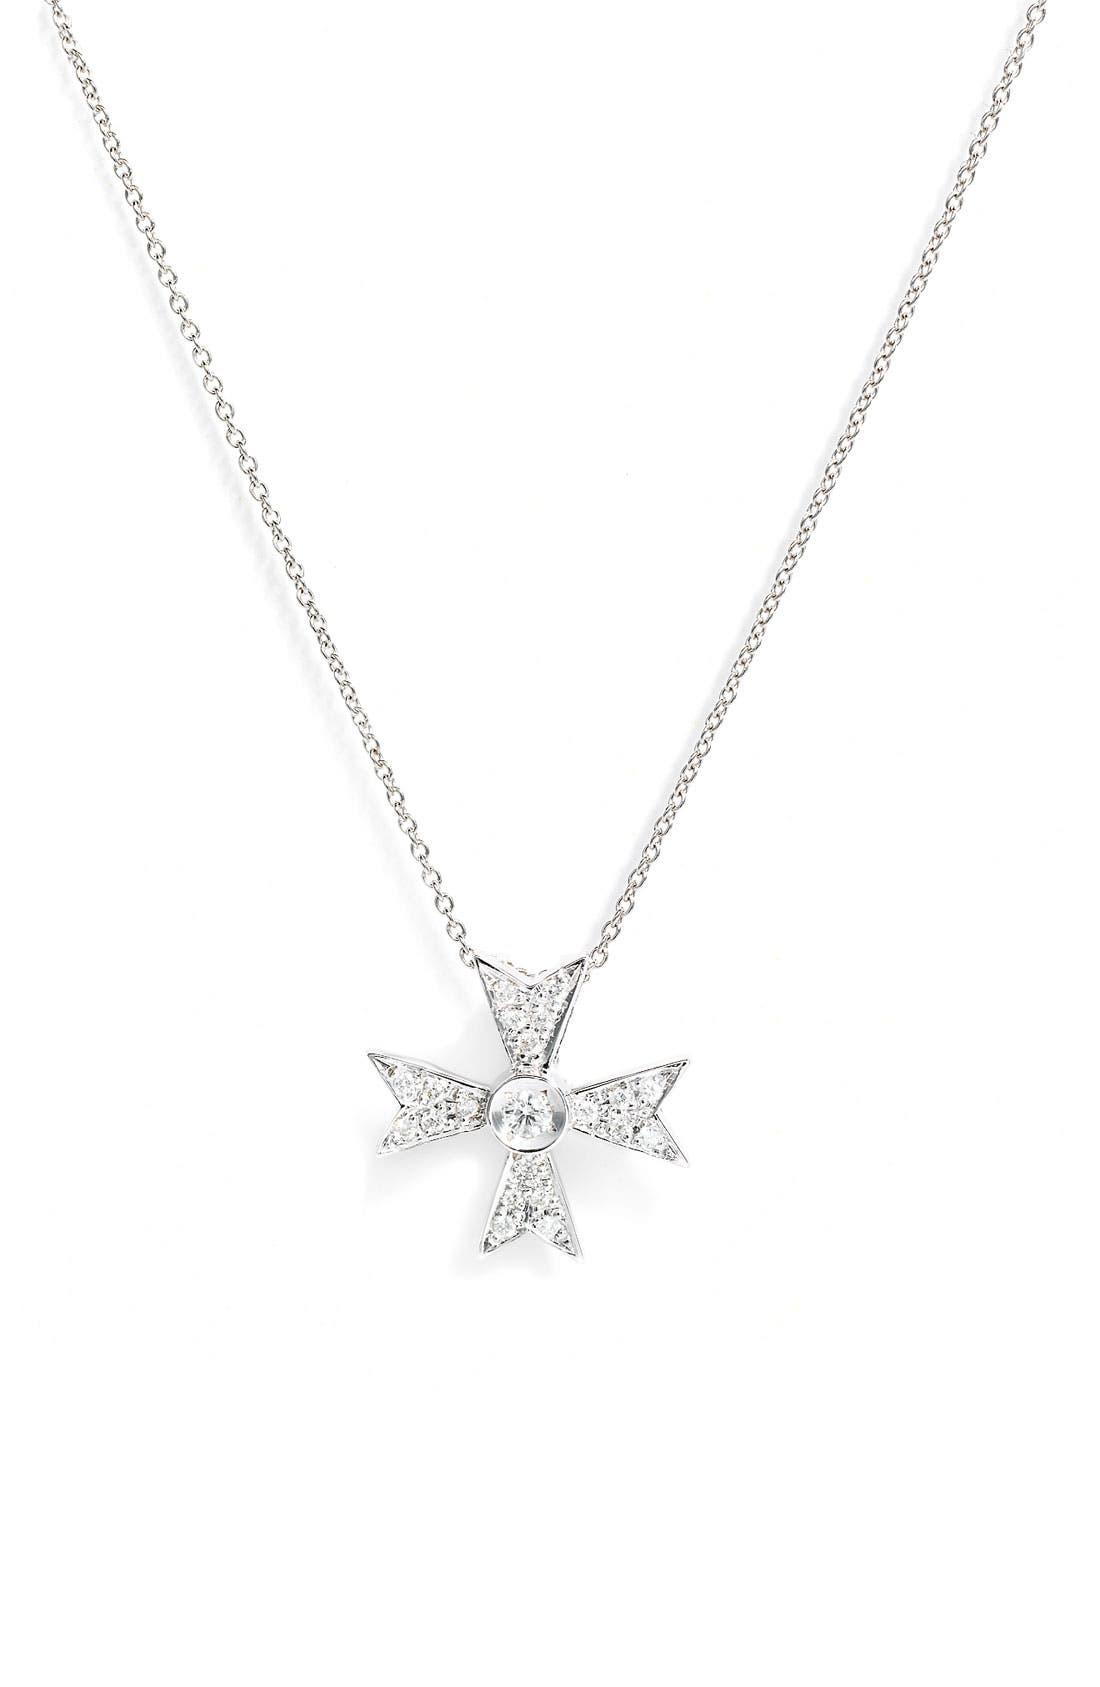 Main Image - Roberto Coin 'Tiny Treasures' Diamond Cross Necklace